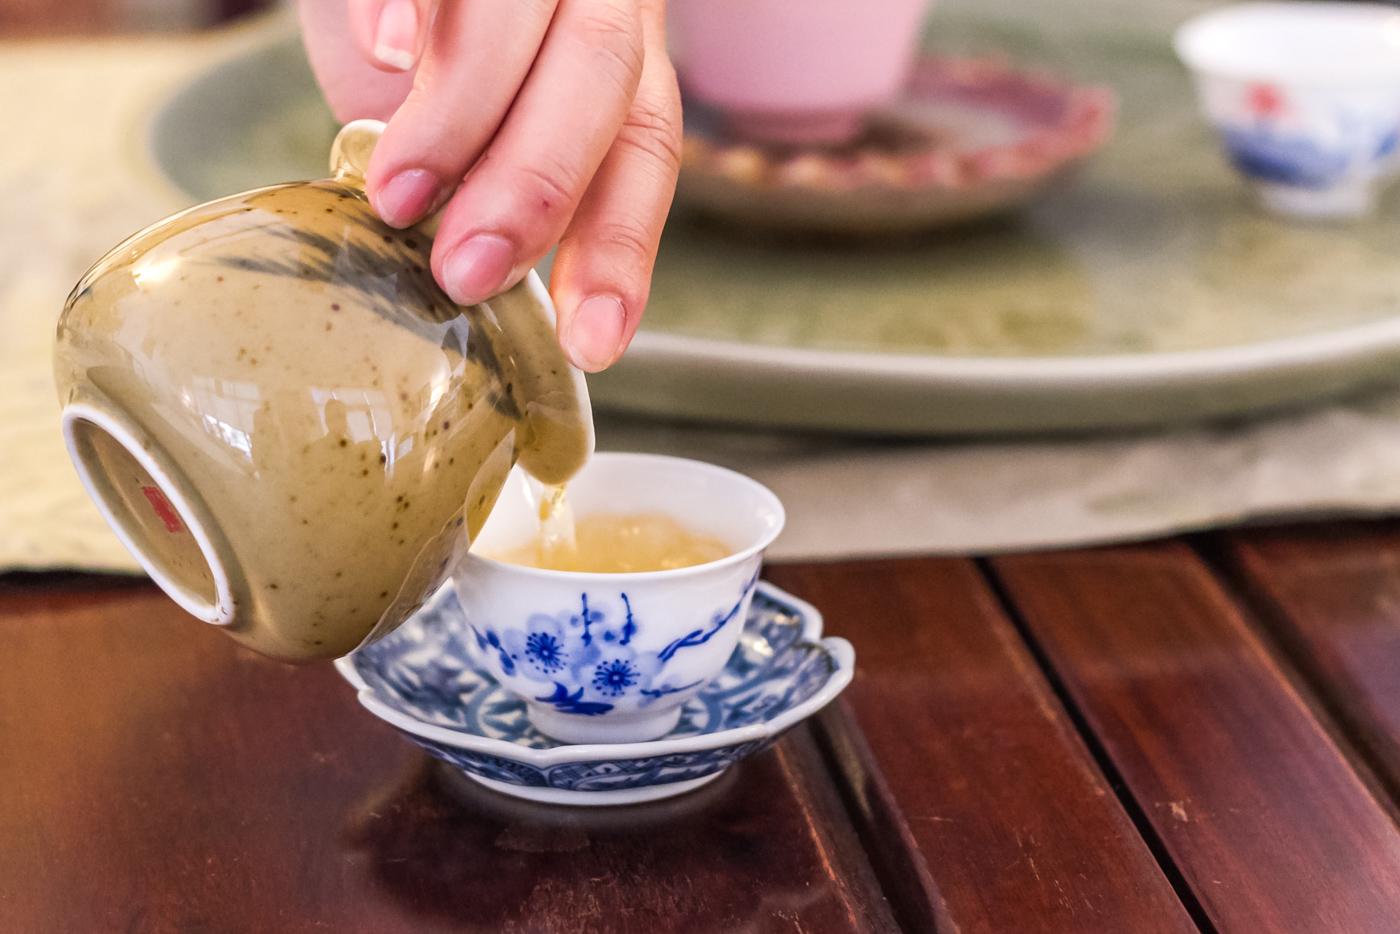 Dan Cong tea tasting at Tea Habitat